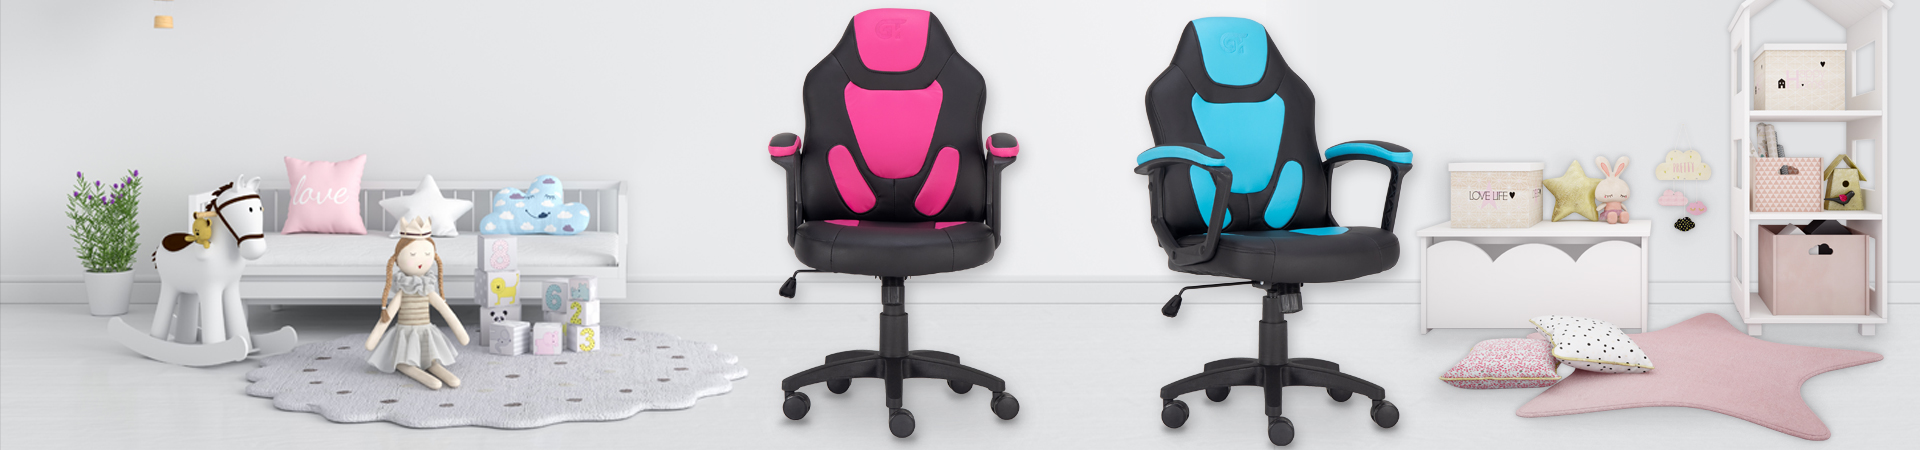 Дитячі крісла Висота сидіння 39-56 см